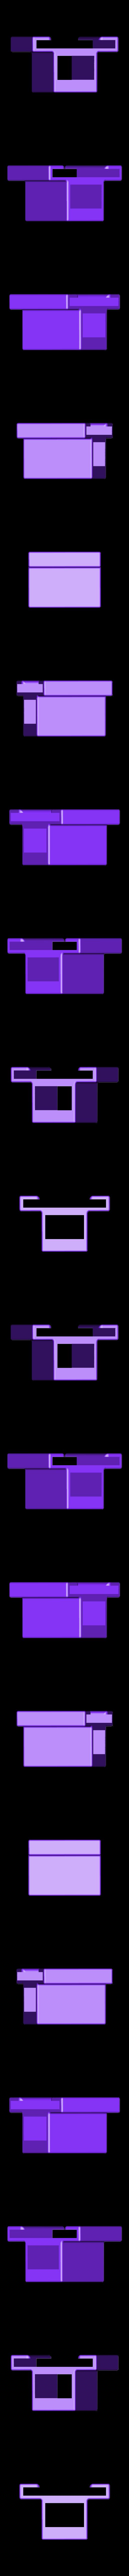 """tripod_holder_for_MS_LifeCAM.STL Download free STL file Tripod Holder for MS LifeCAMâ""""¢ • 3D print design, Odrenria"""